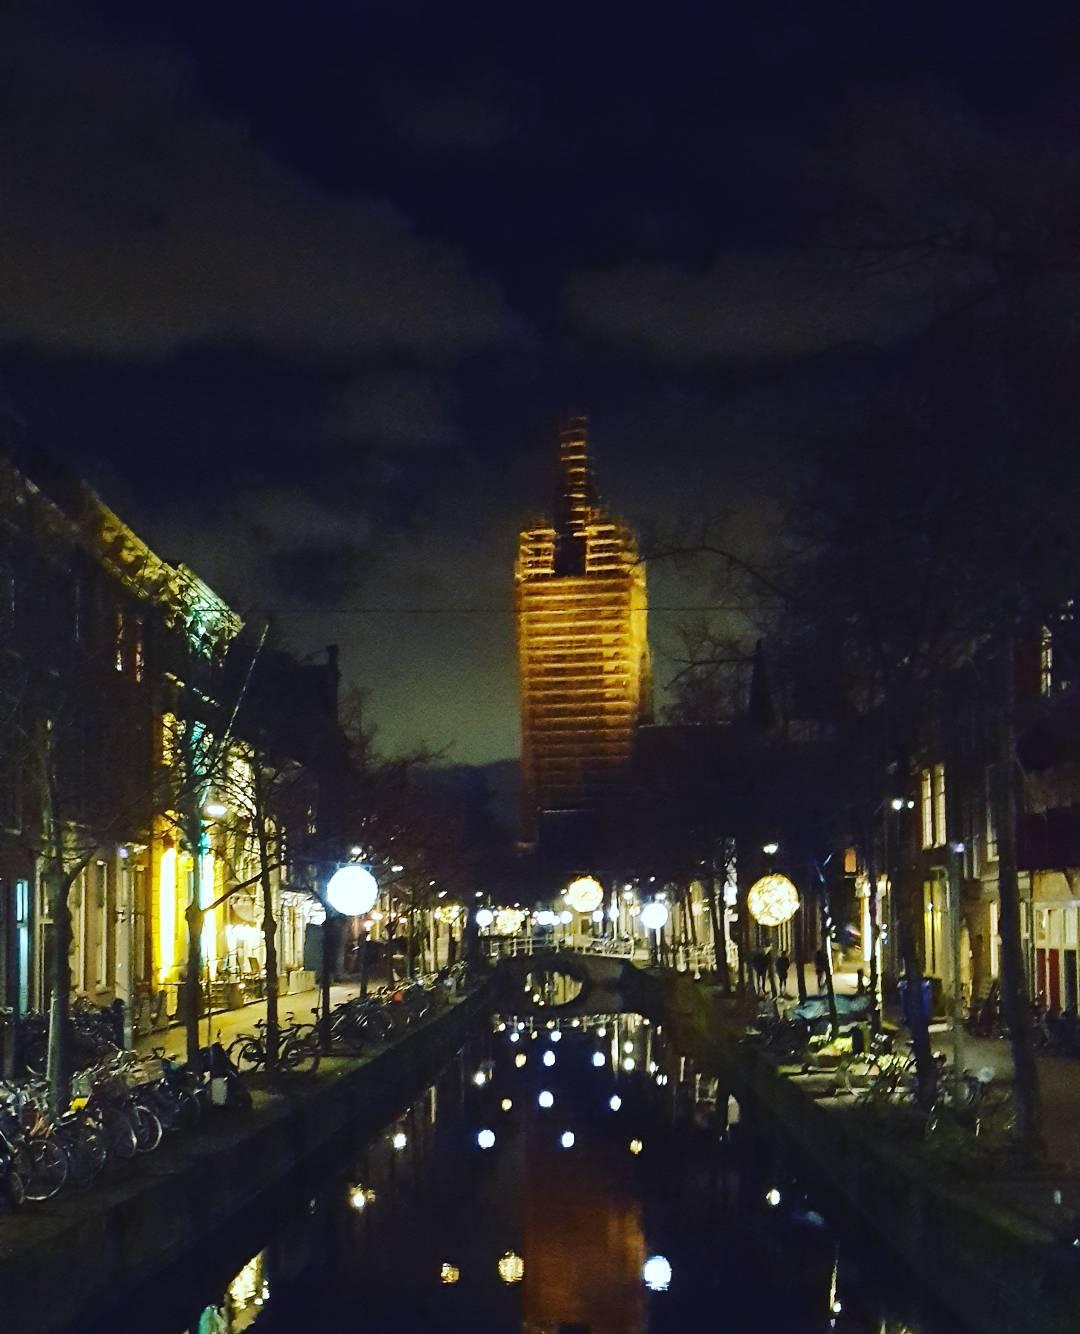 Lichtjesavond in Delft